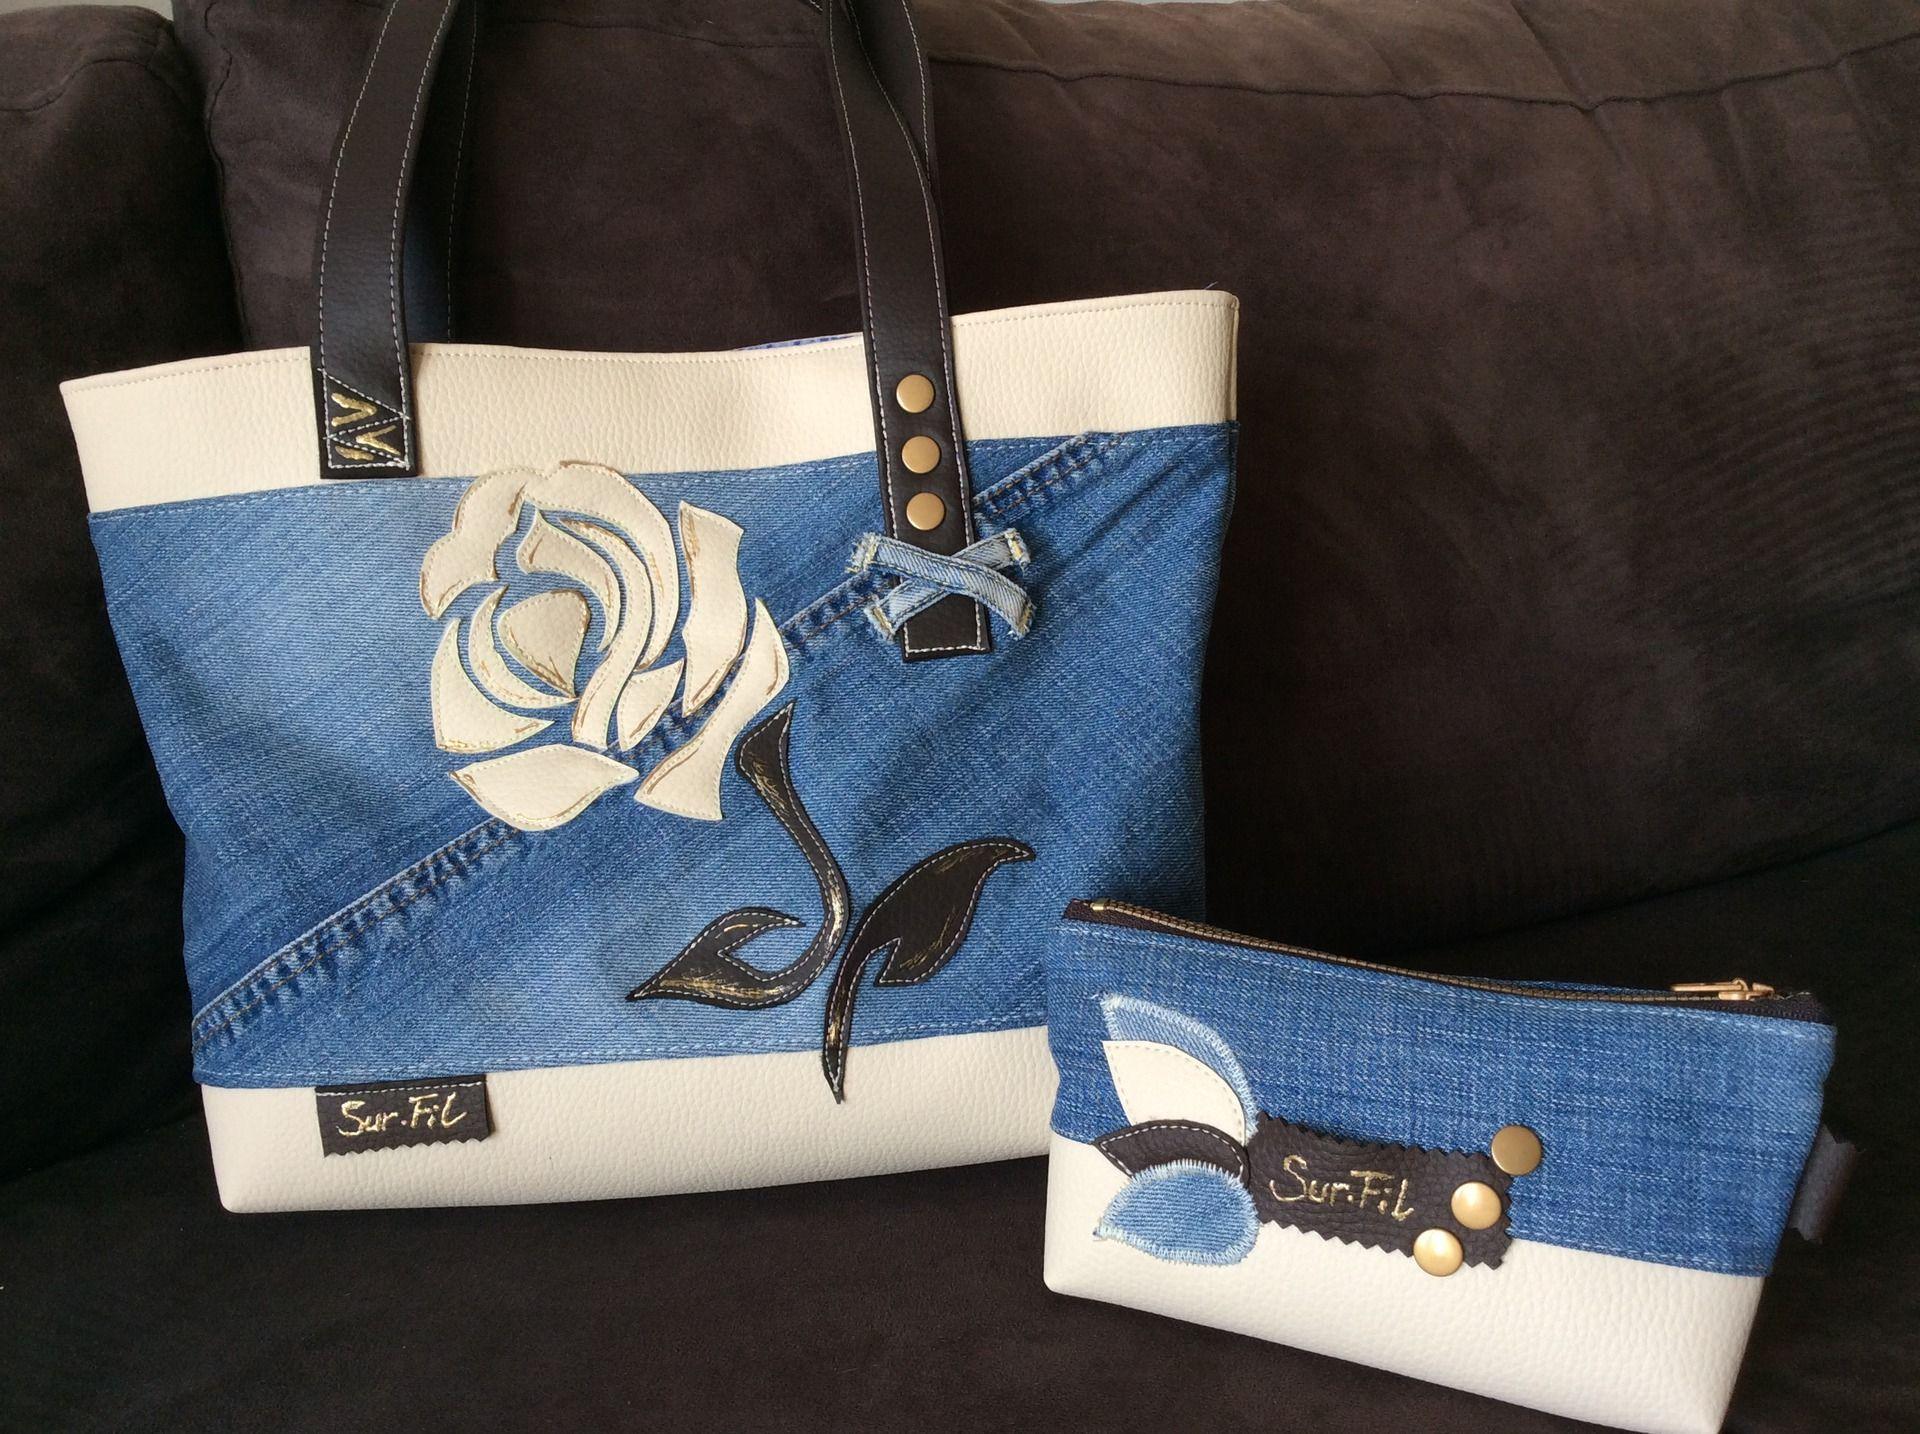 sac et pochette le rose en jean et simili sacs main par sur fil sacs pinterest simili. Black Bedroom Furniture Sets. Home Design Ideas